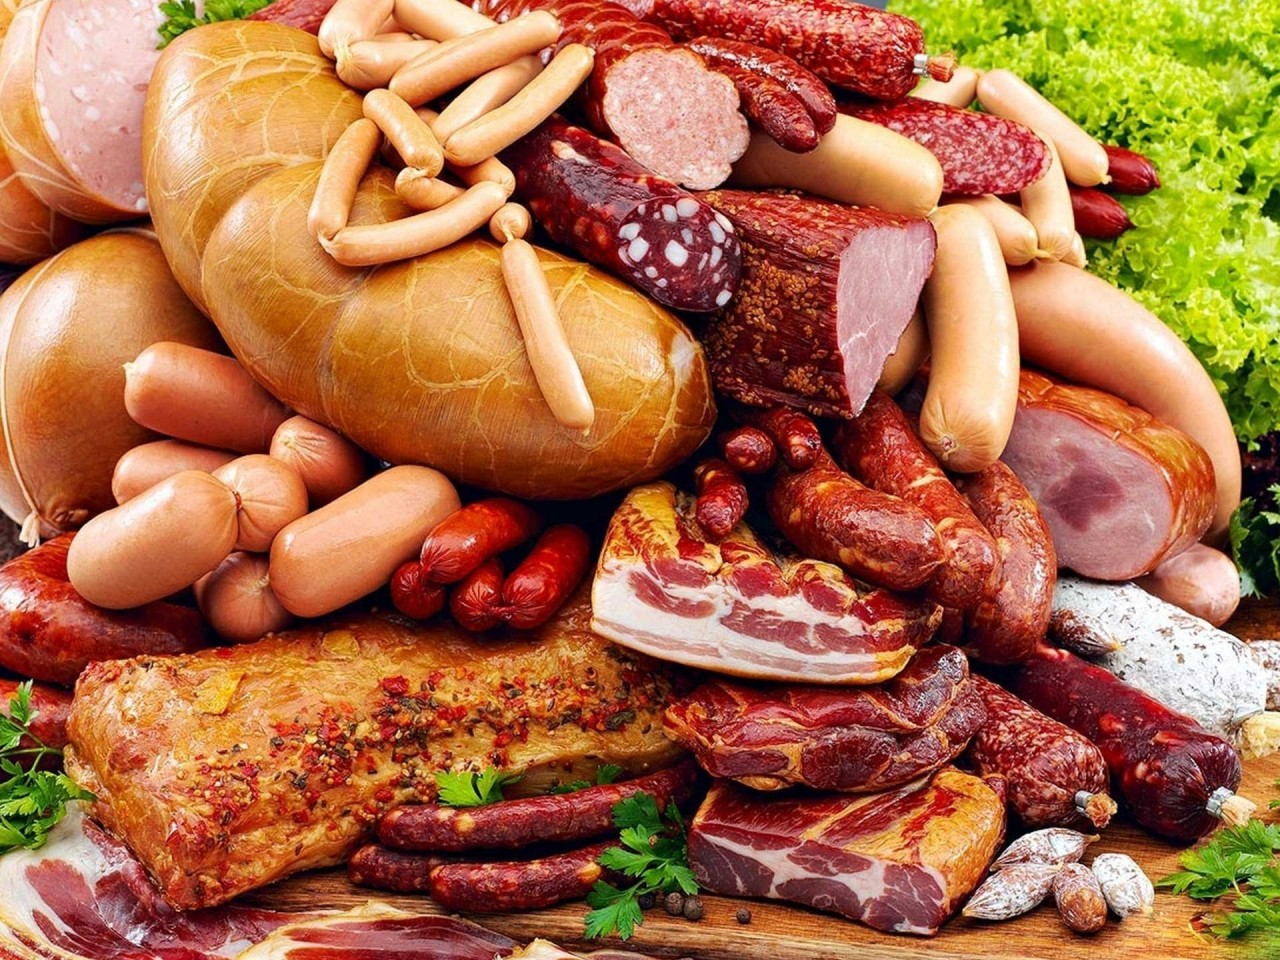 Несоответствие заявленному составу найдено в каждом шестом товаре животной продукции